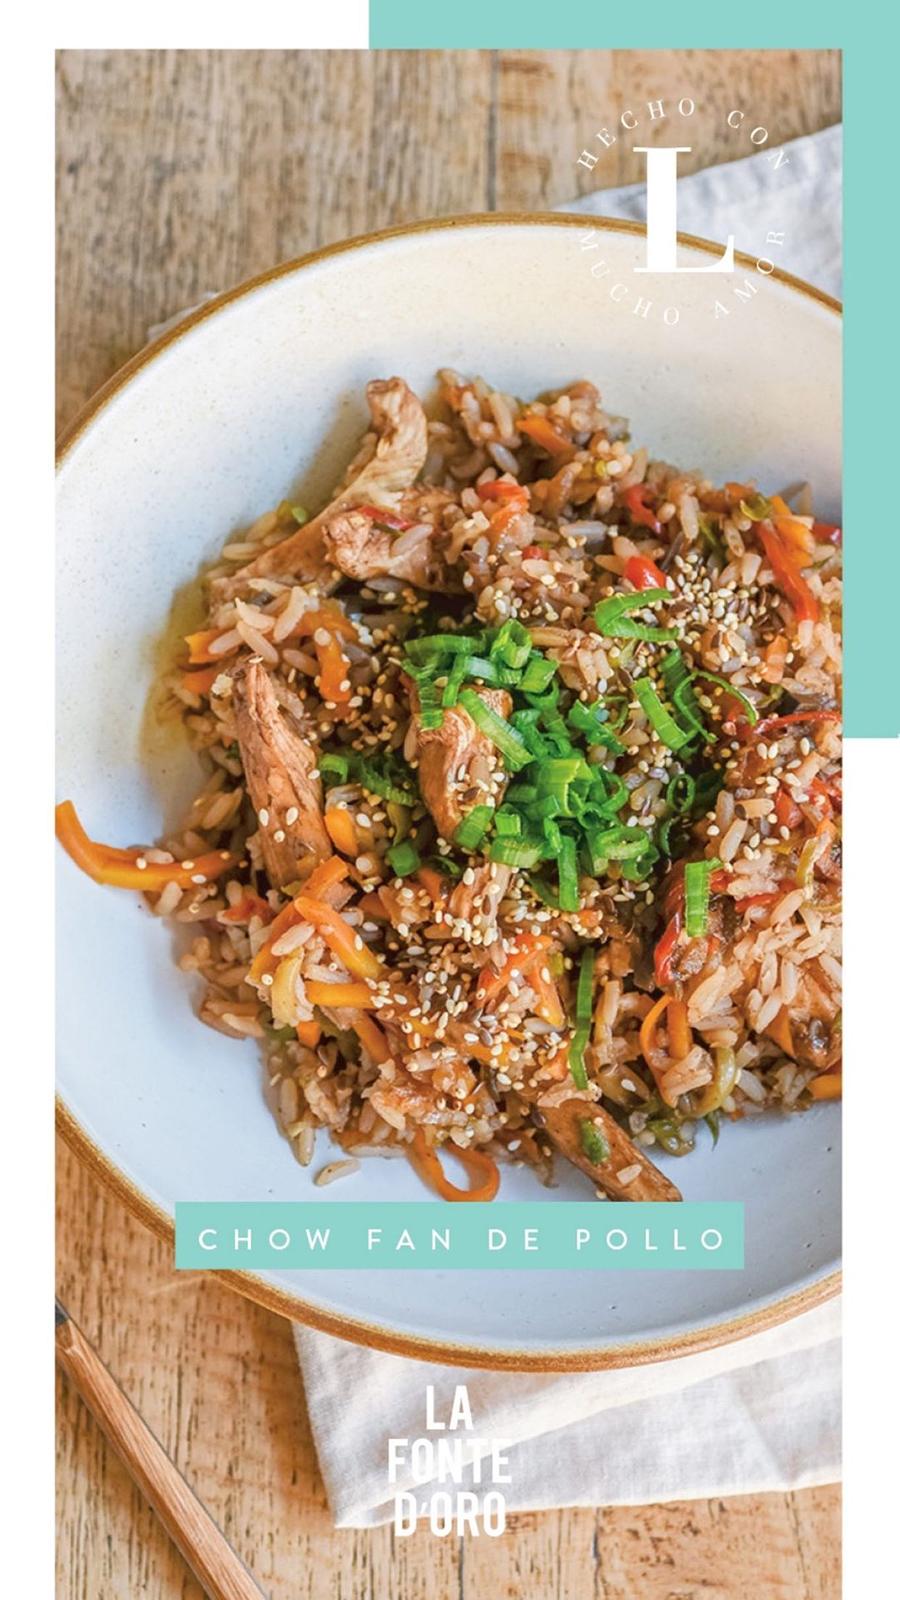 Chow fan salteado de arroz, vegetales y   pollo, alineado con salsa teriyaki, aceite y   semillas de sésamo.